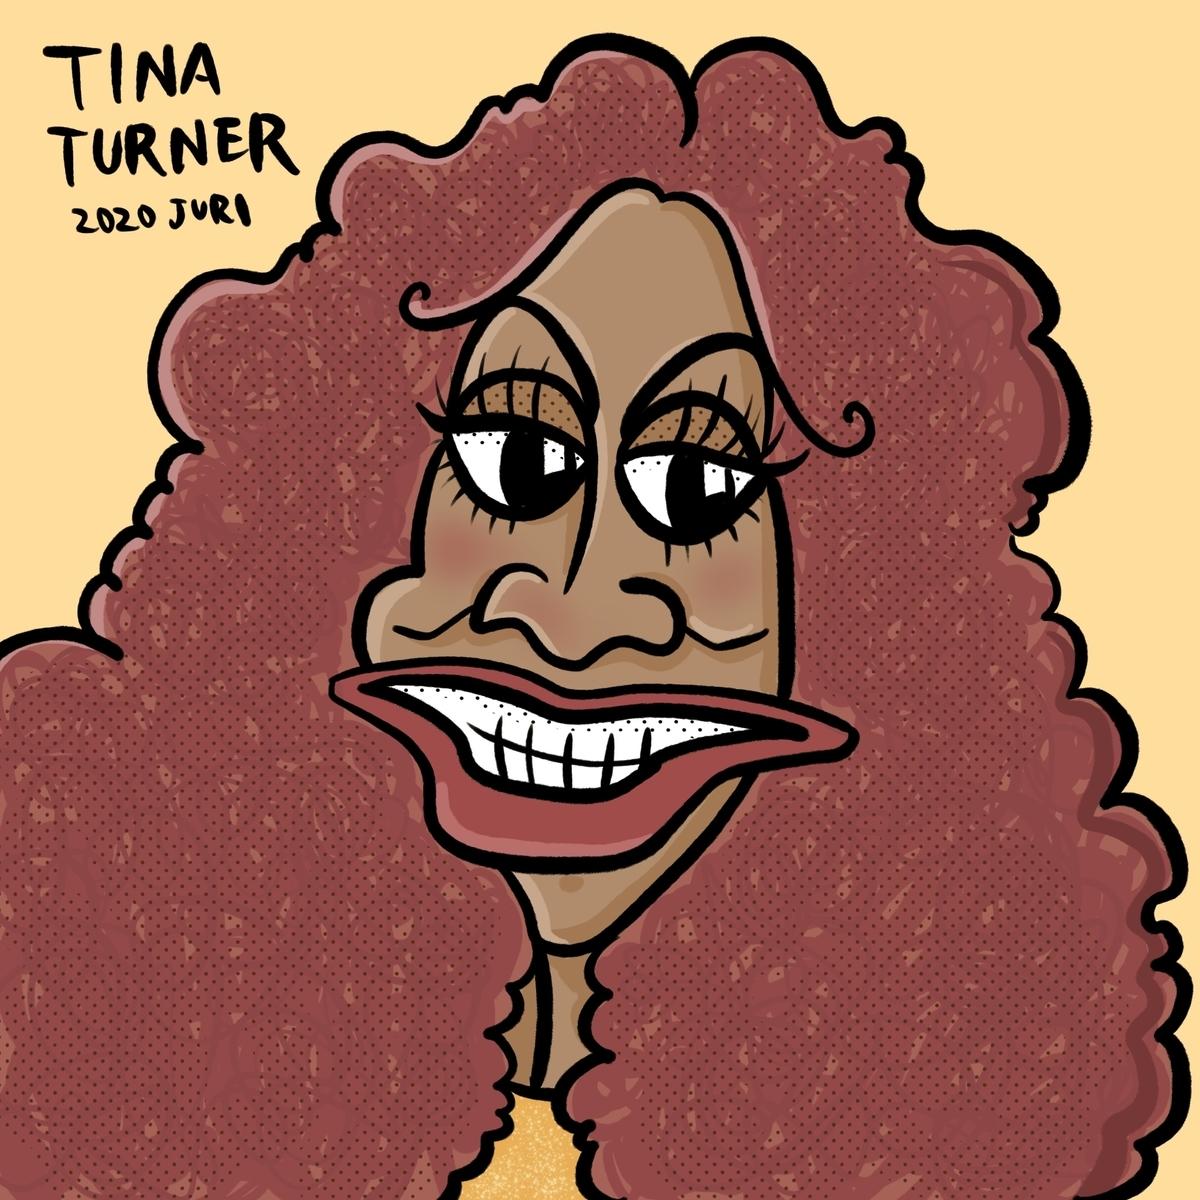 ティナターナーの似顔絵